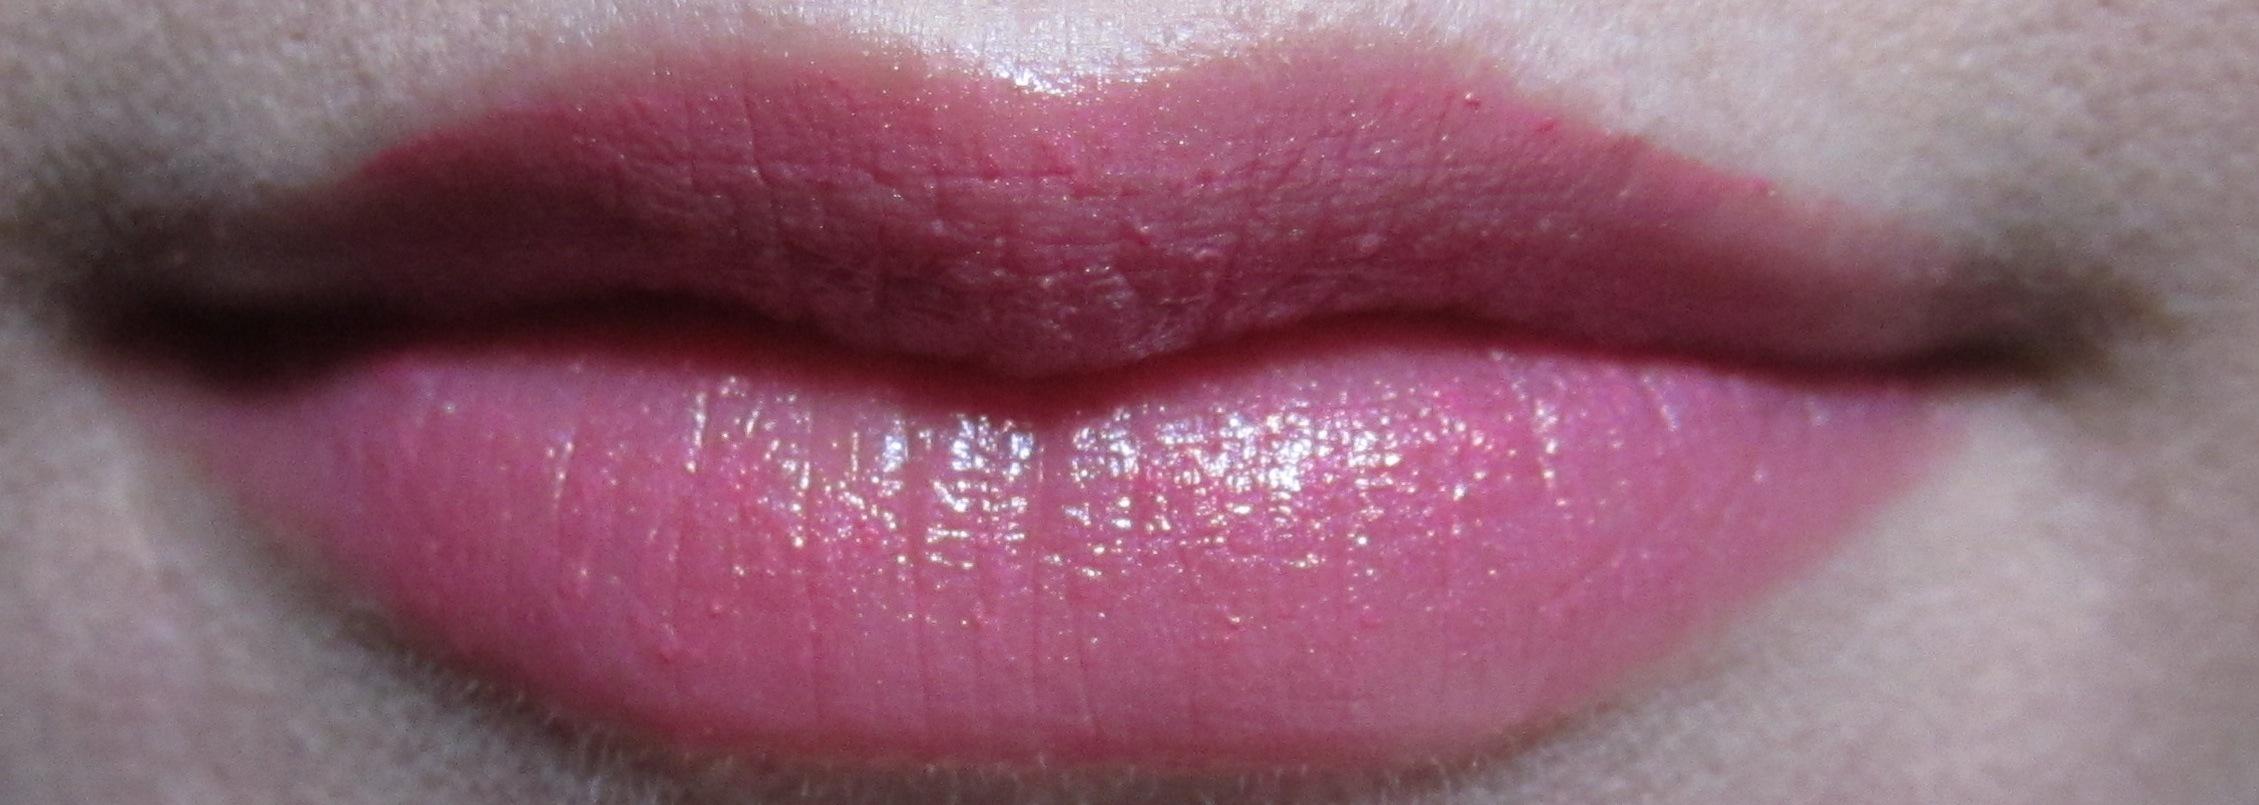 lipswatch1